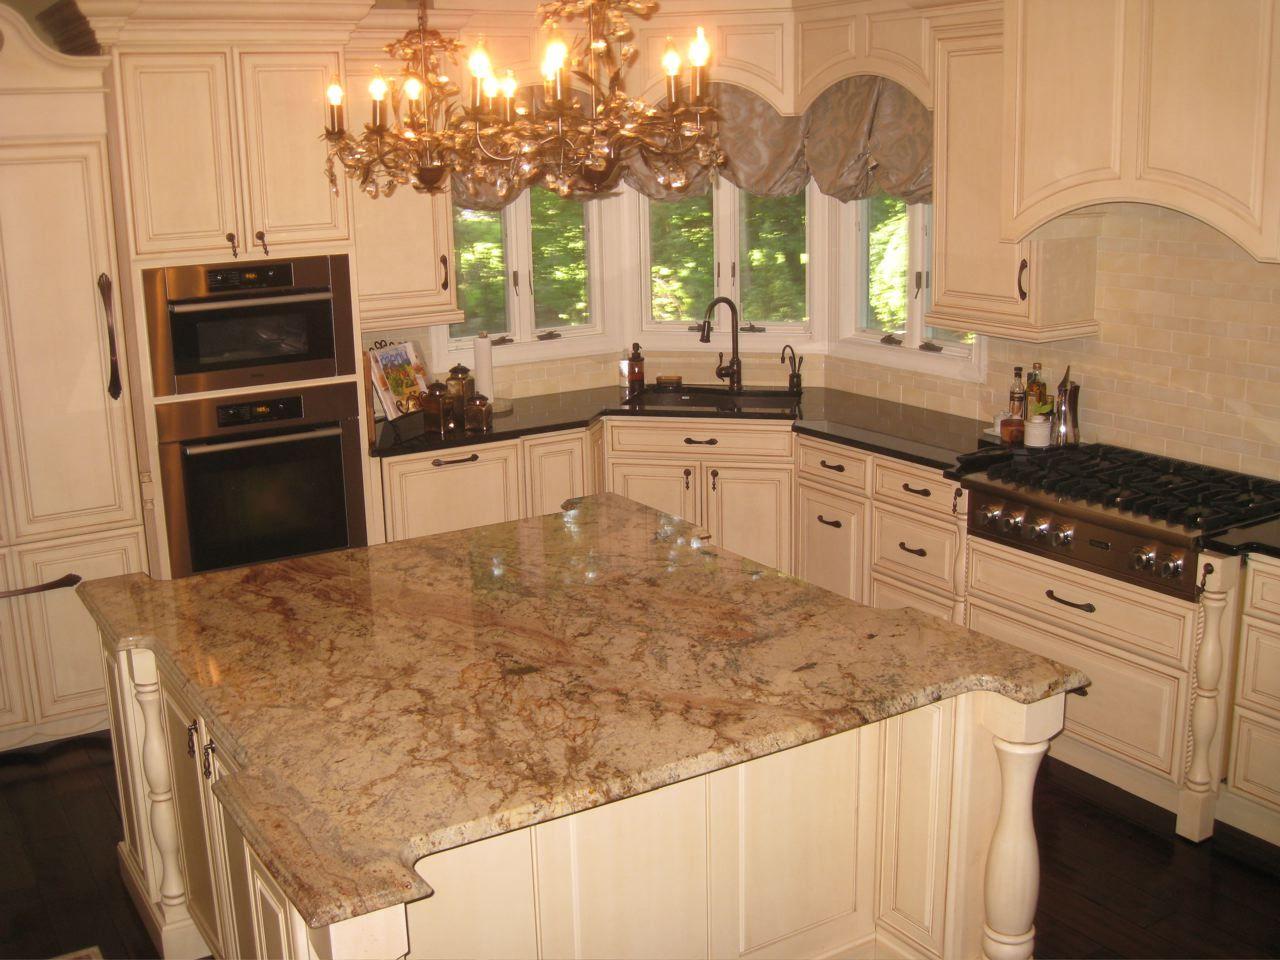 typhoon bordeaux granite kitchen   Typhoon Bordeaux Island ... on Typhoon Bordeaux Granite Backsplash Ideas  id=58863